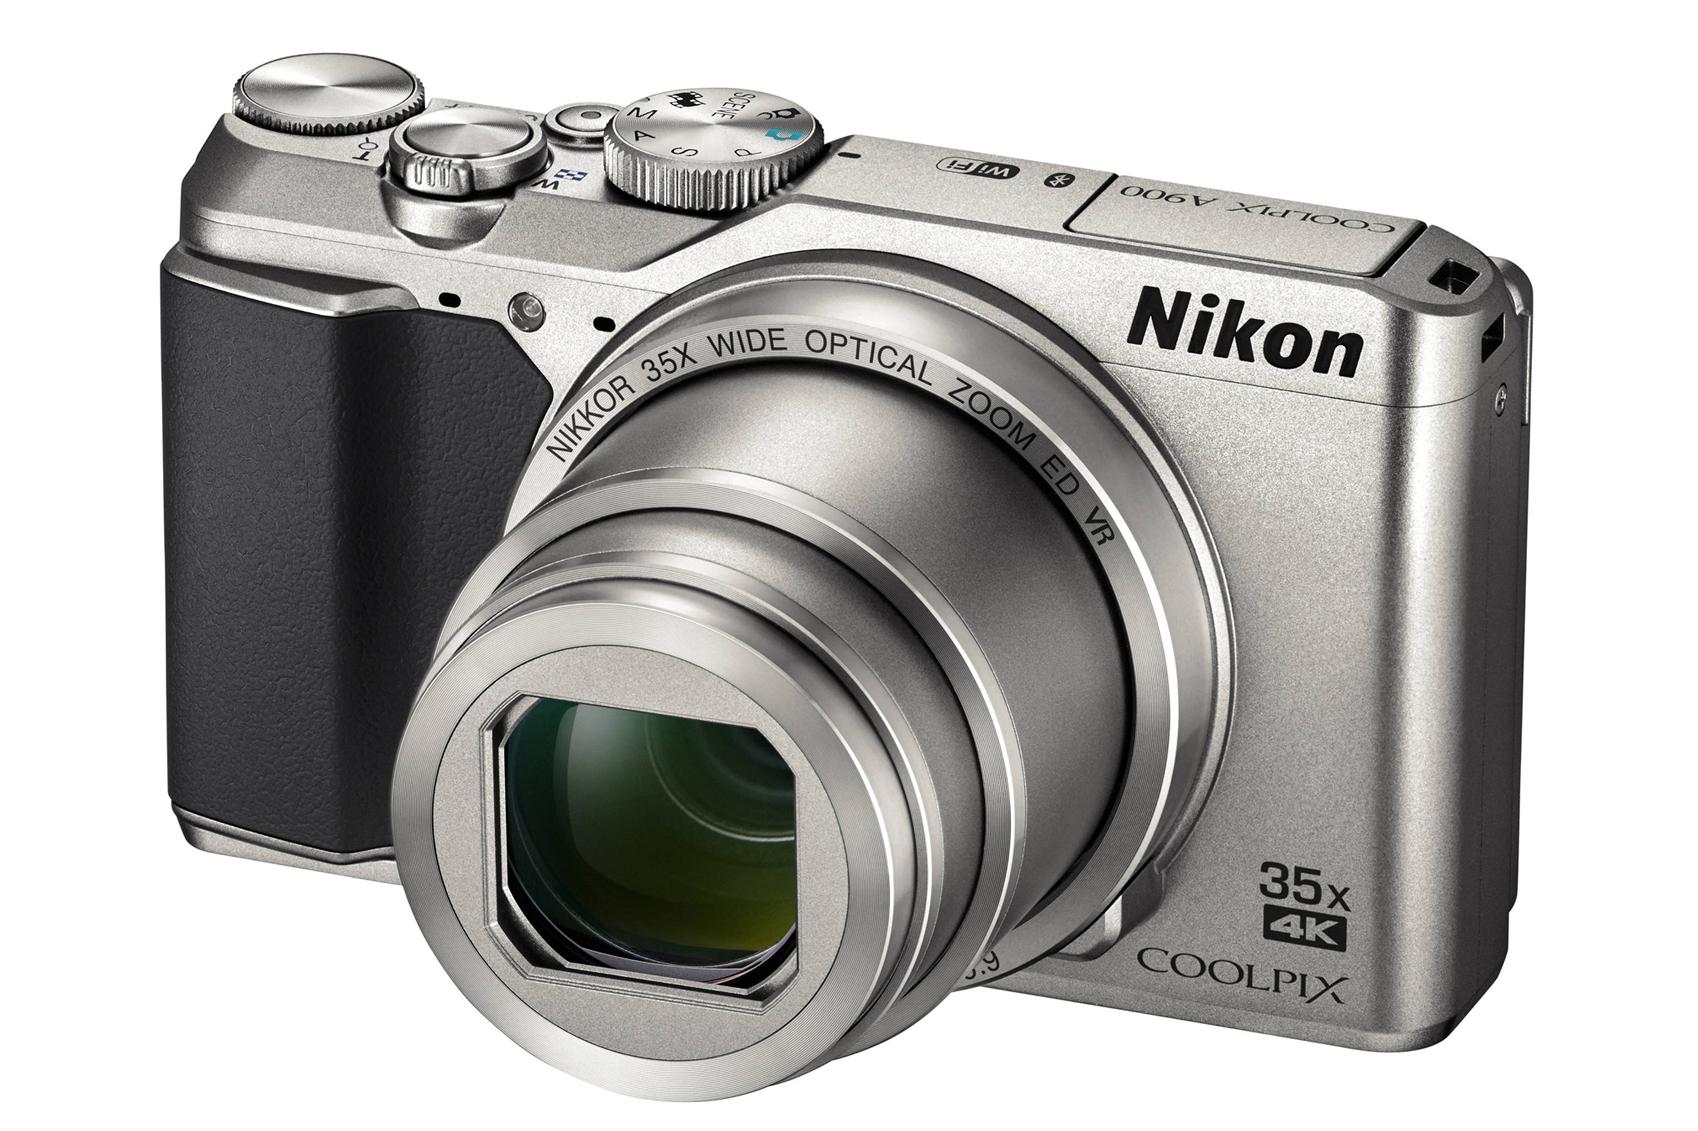 Top compact travel cameras nikon_26505_coolpix_a900_digital_camera_1234148